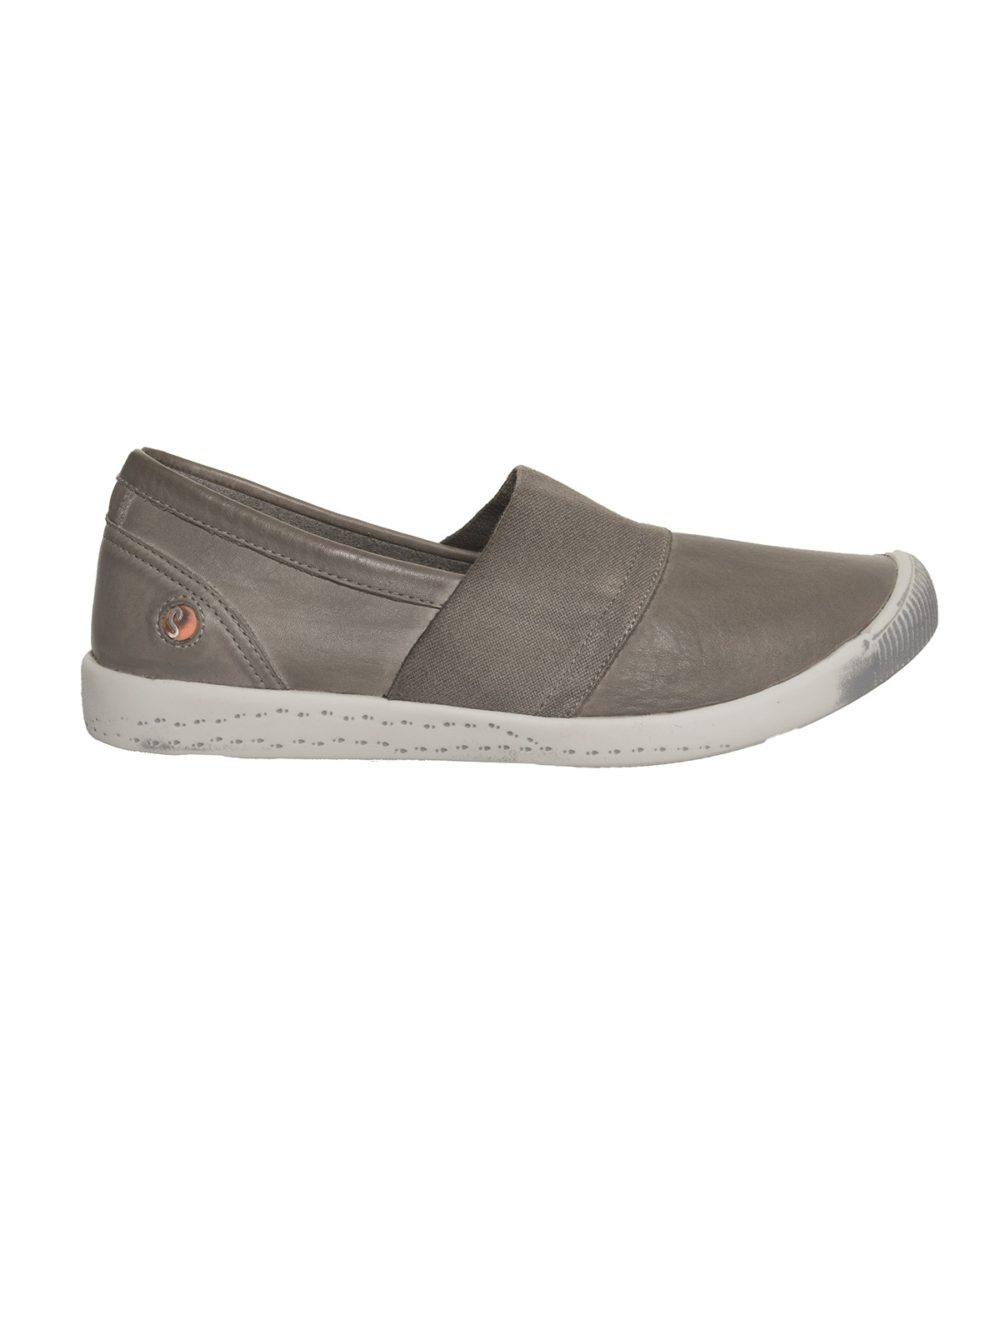 Ino Shoe Softinos Katie Kerr Women's Shoes